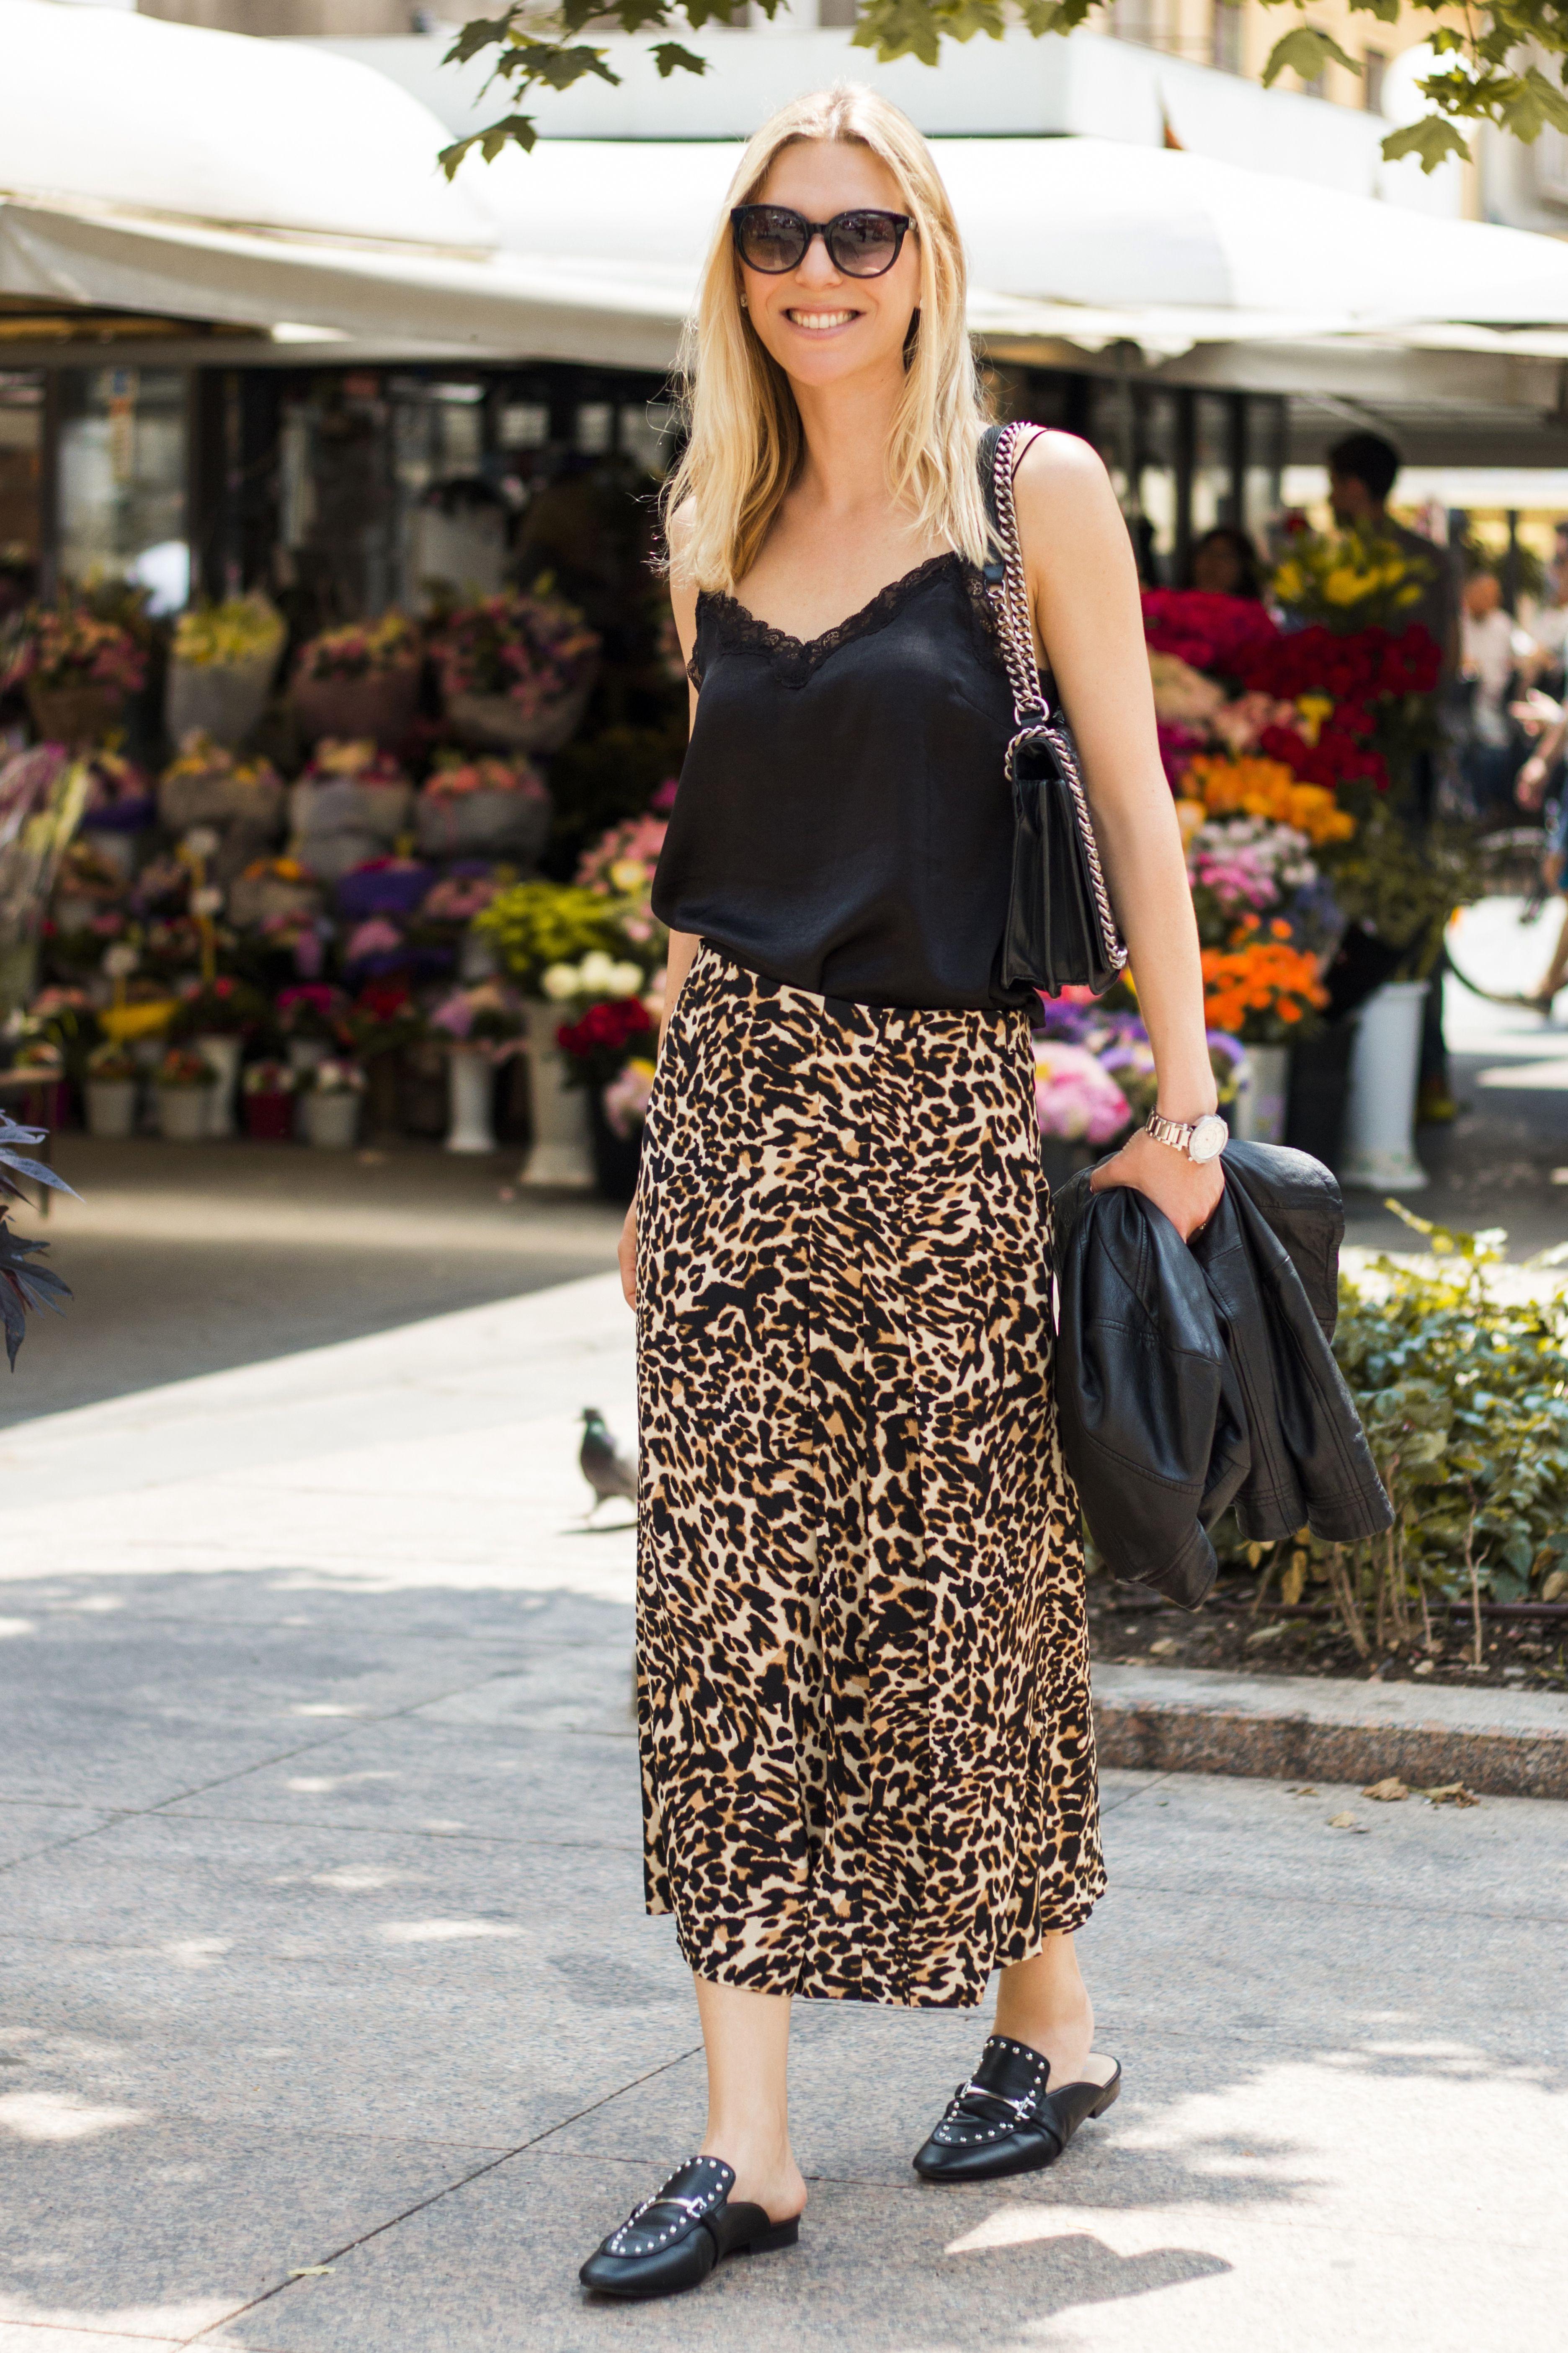 Leopard uzorak vratio se u modu, a zgodna i stylish liječnica sa špice zna kako ga nositi!